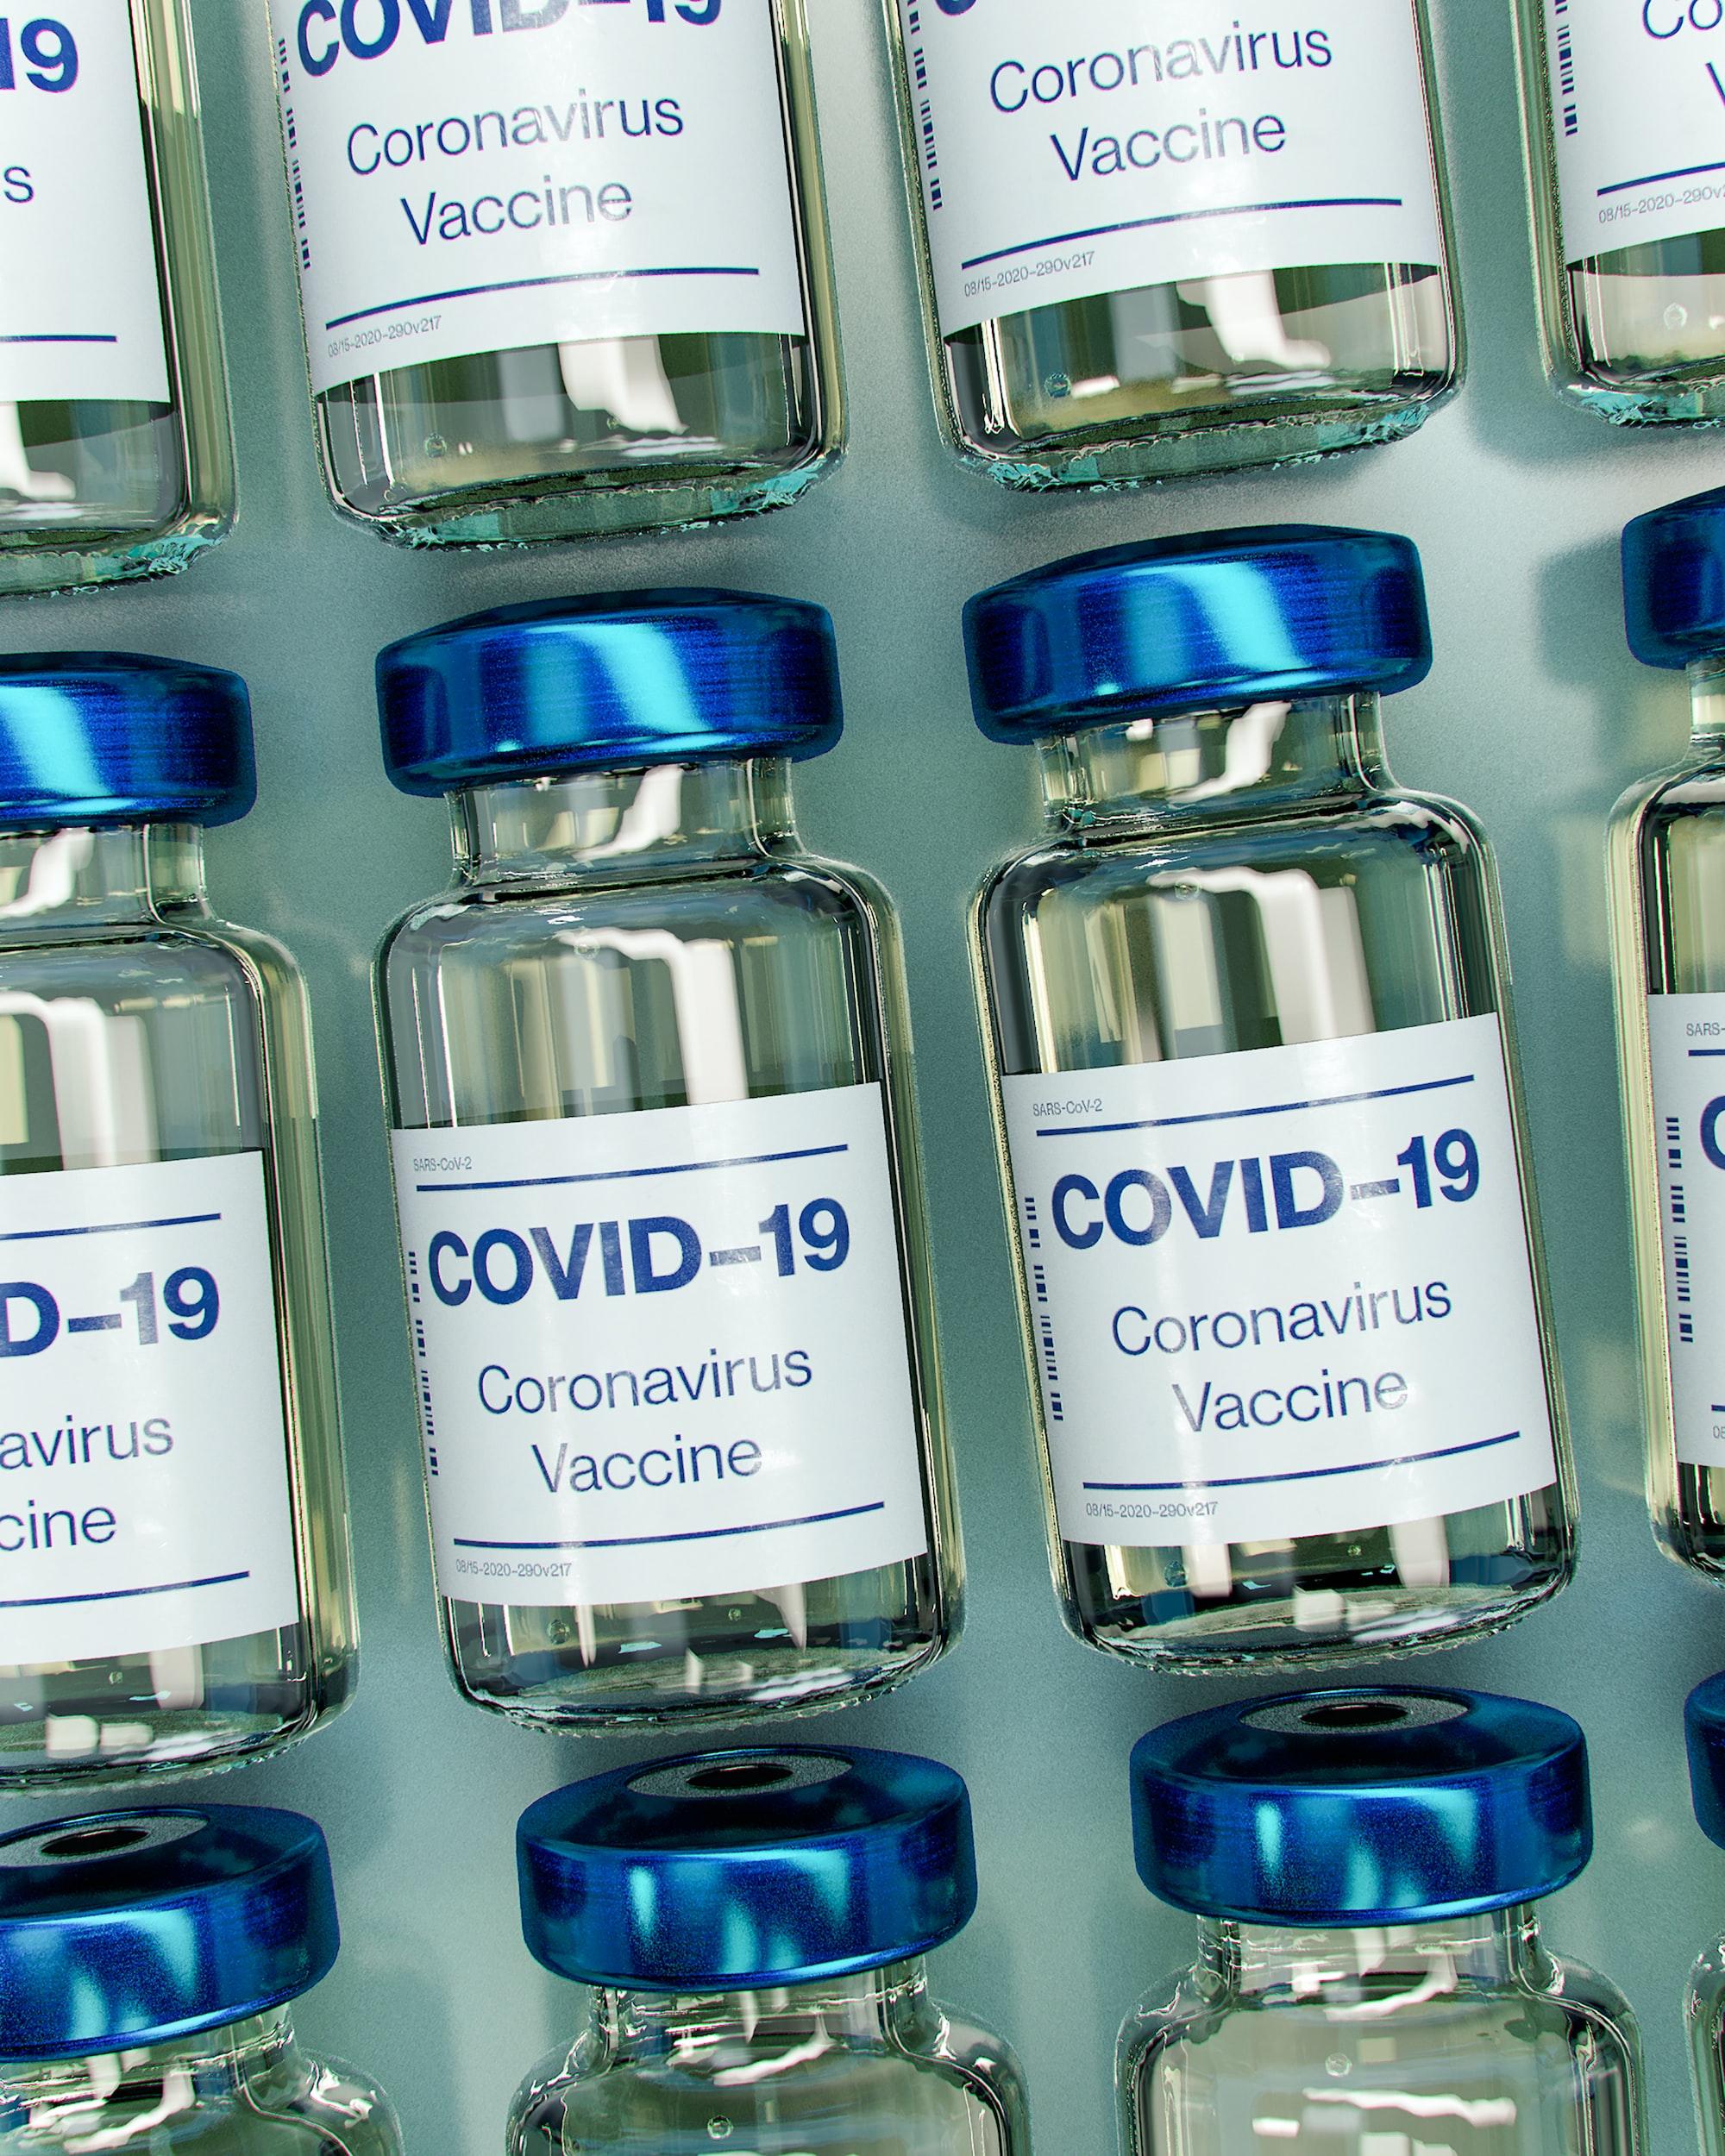 Les États-Unis sur le point d'autoriser le mélange des vaccins contre la COVID-19